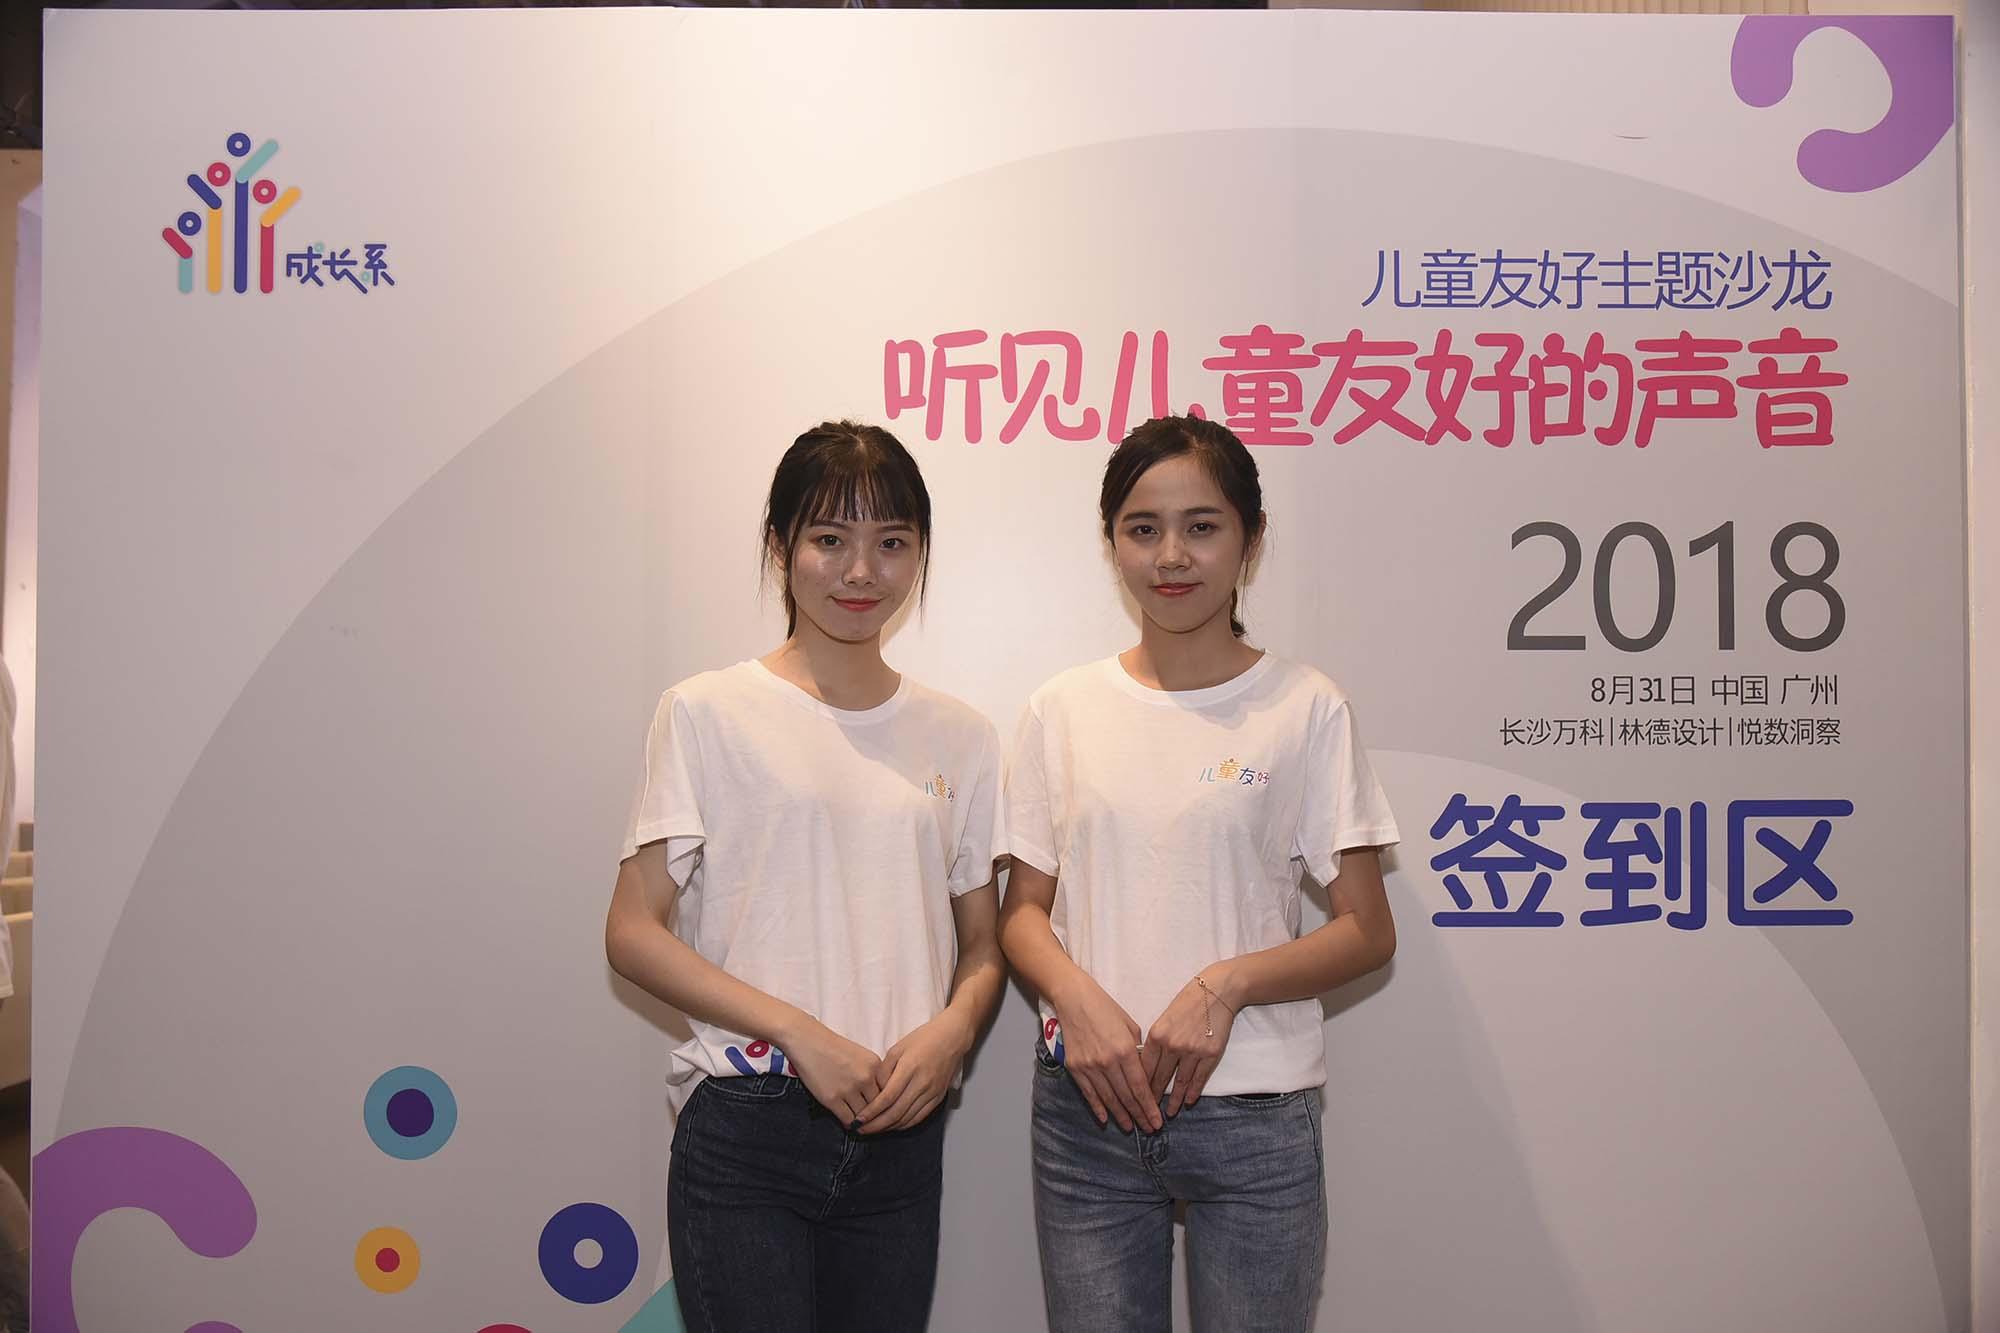 双色广告专业提供周到的活动策划-广州晚会活动策划机构